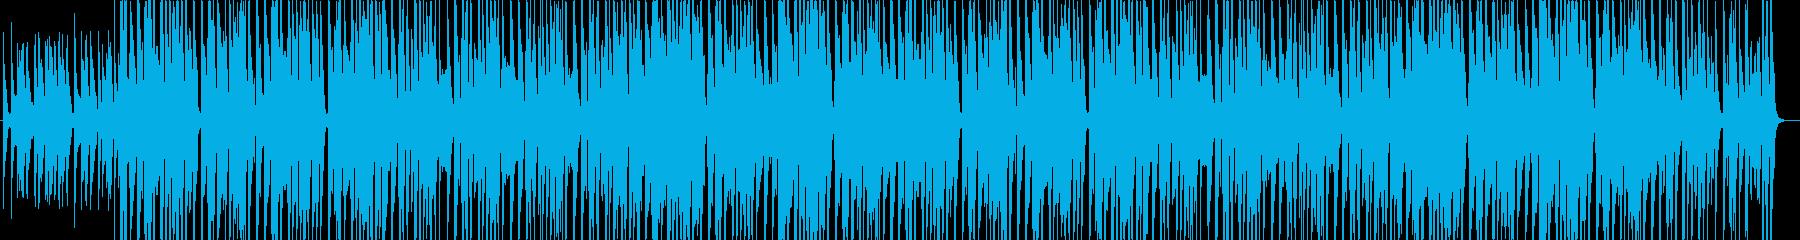 マリンバ・かわいい・オープニング POPの再生済みの波形